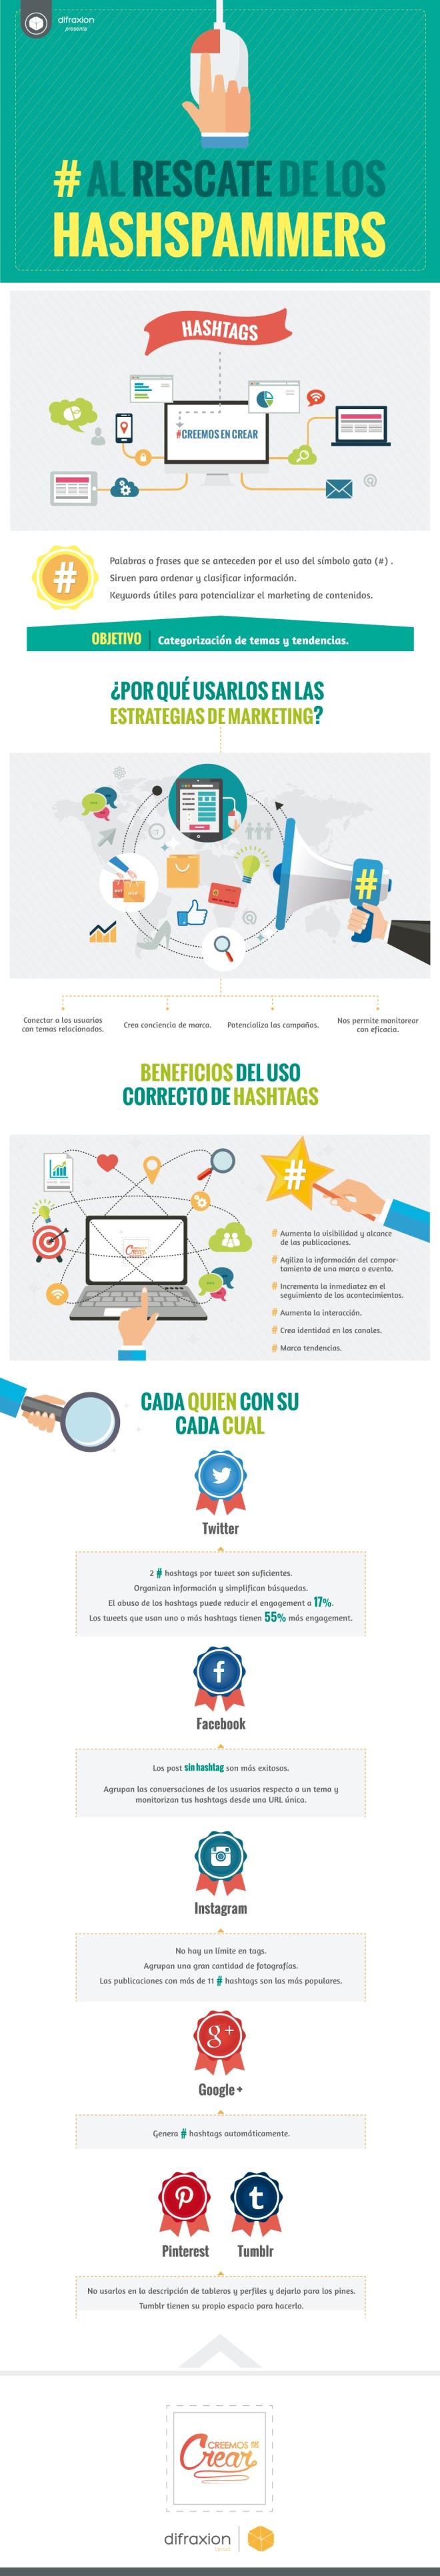 Hashtags y Redes Sociales